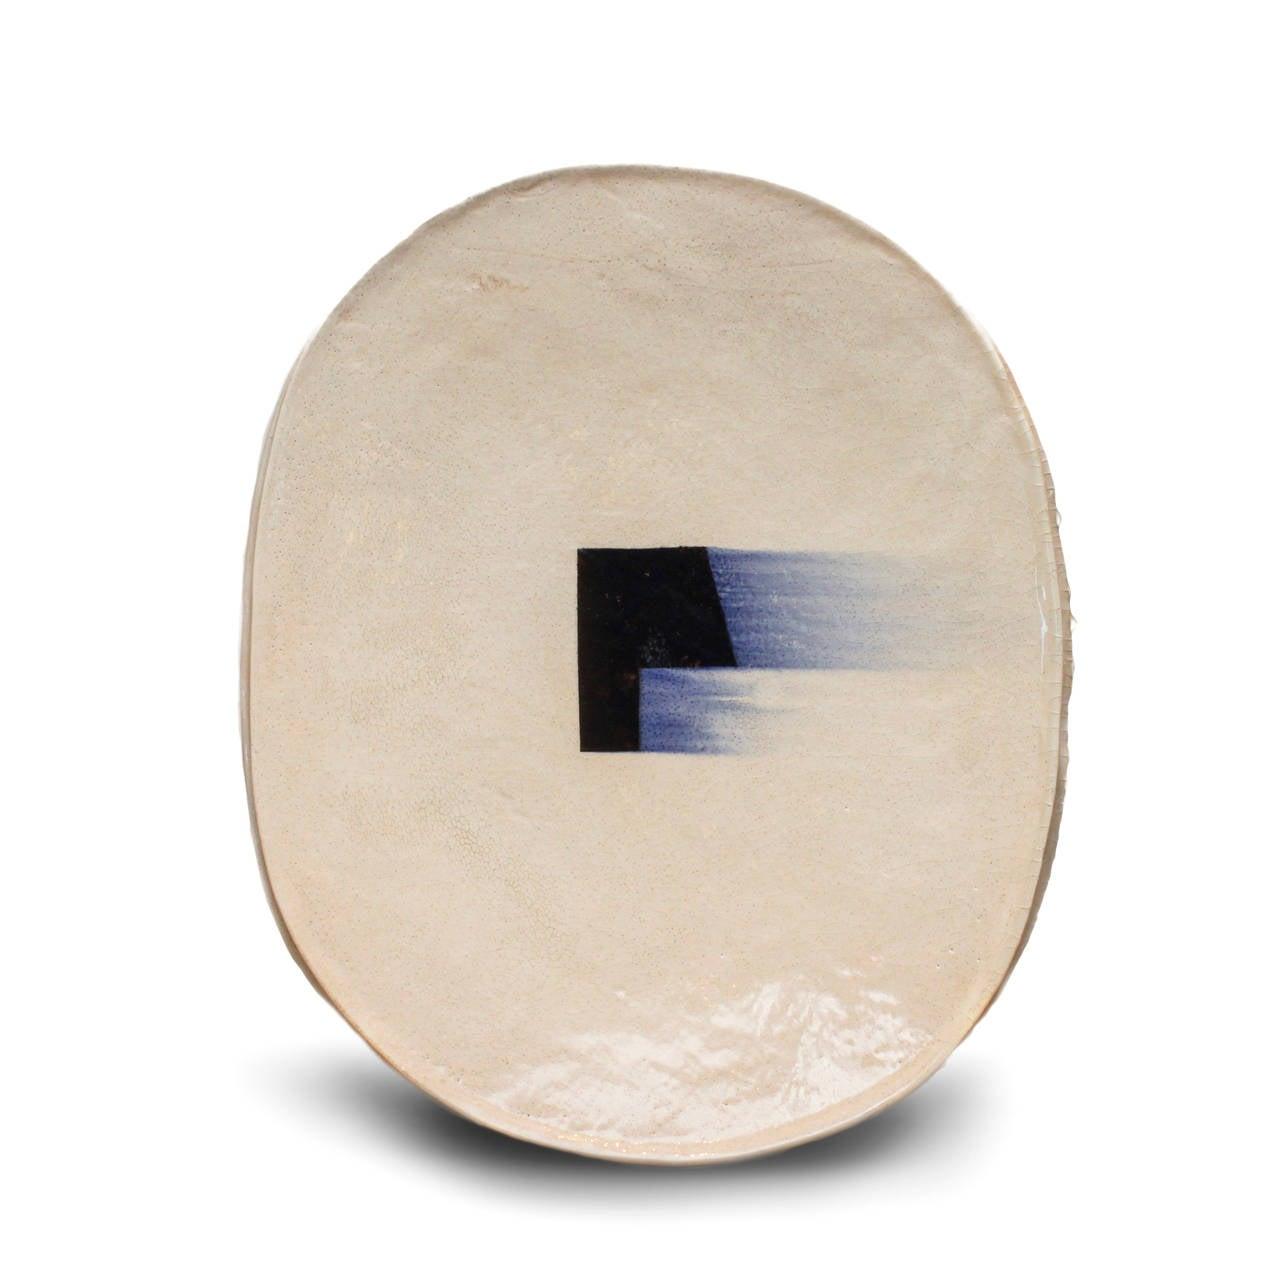 Untitled, Plate 1 - Sculpture by Jun Kaneko